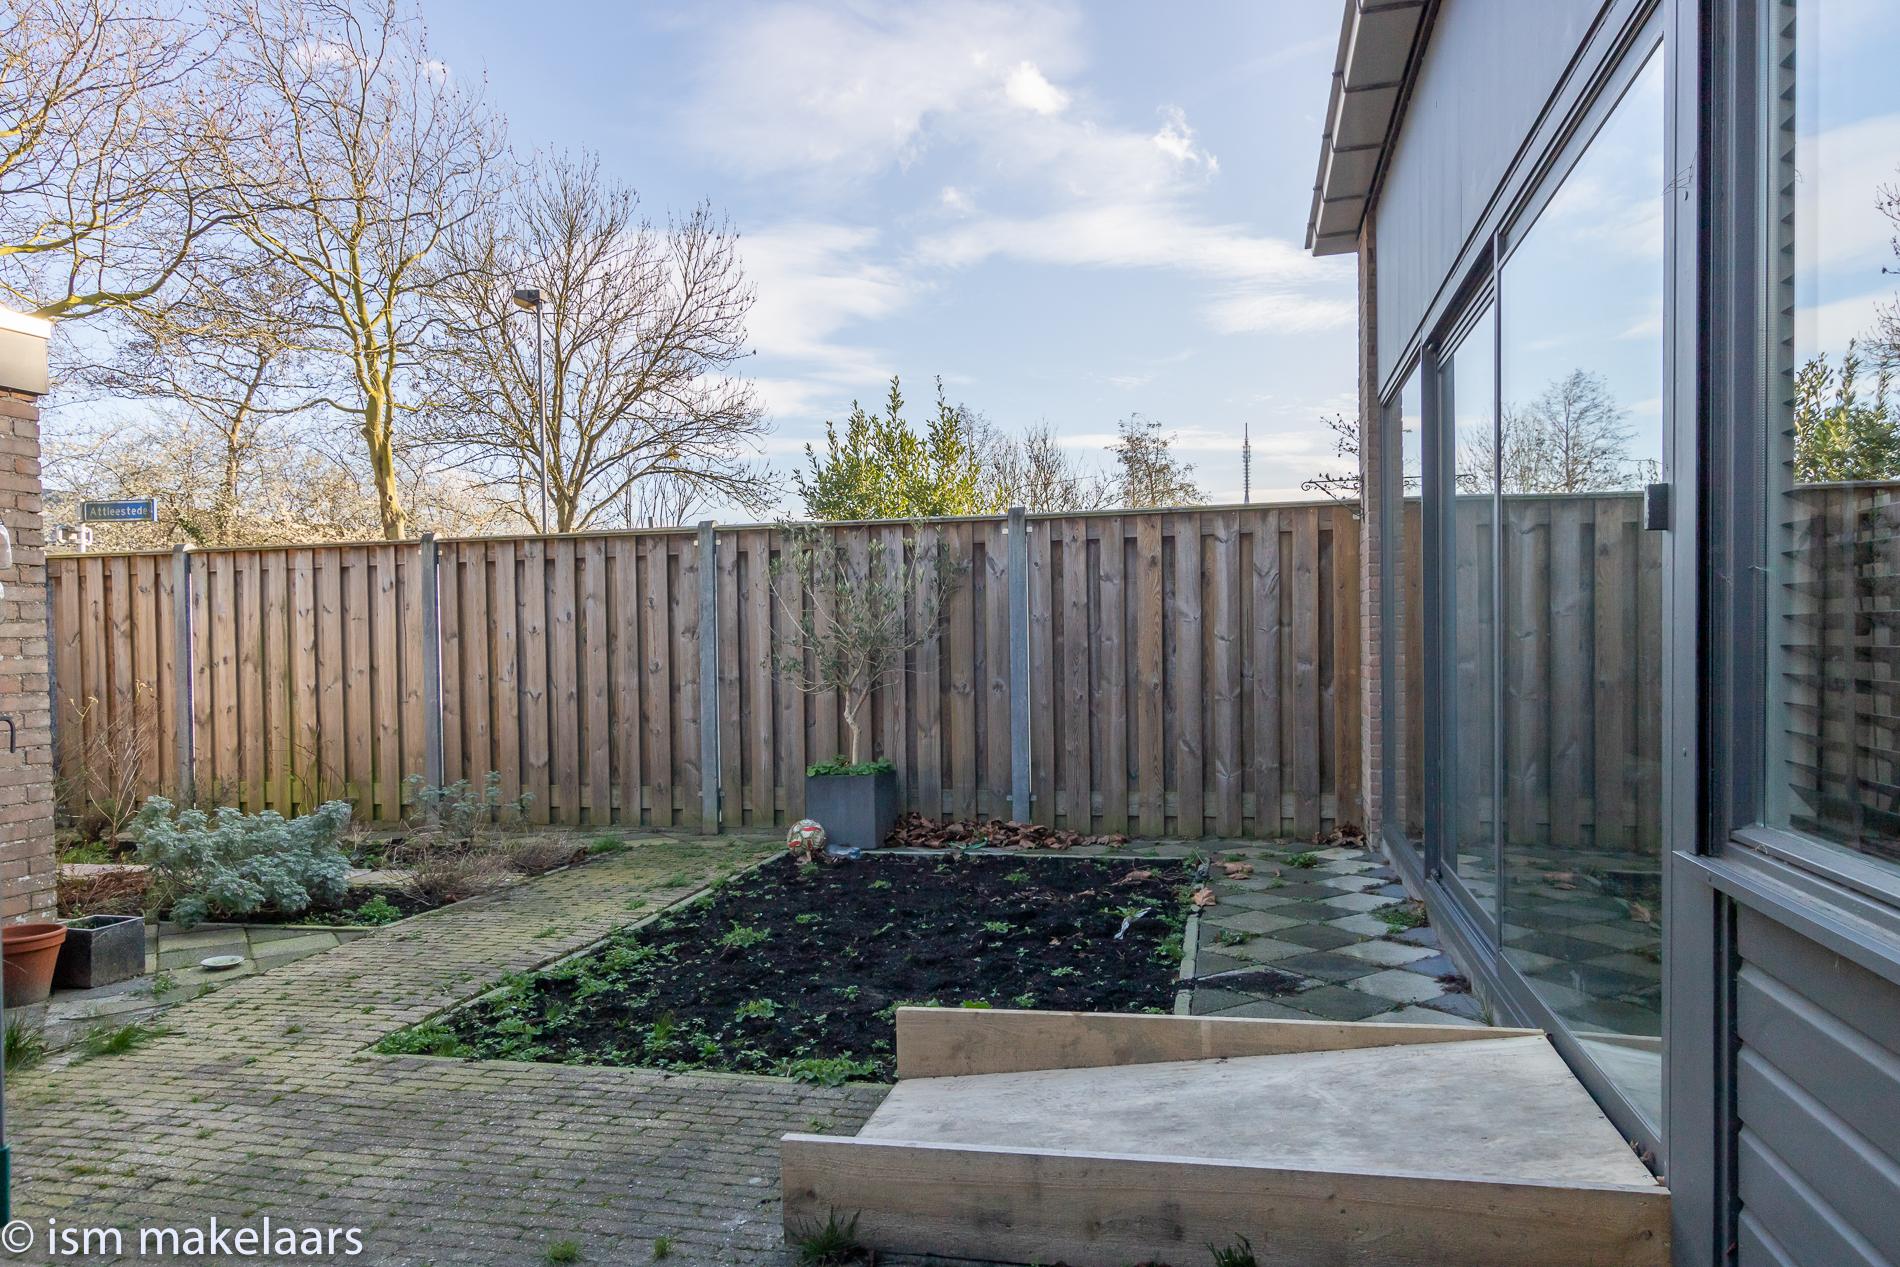 tuin attleestede 4 goes ism makelaars